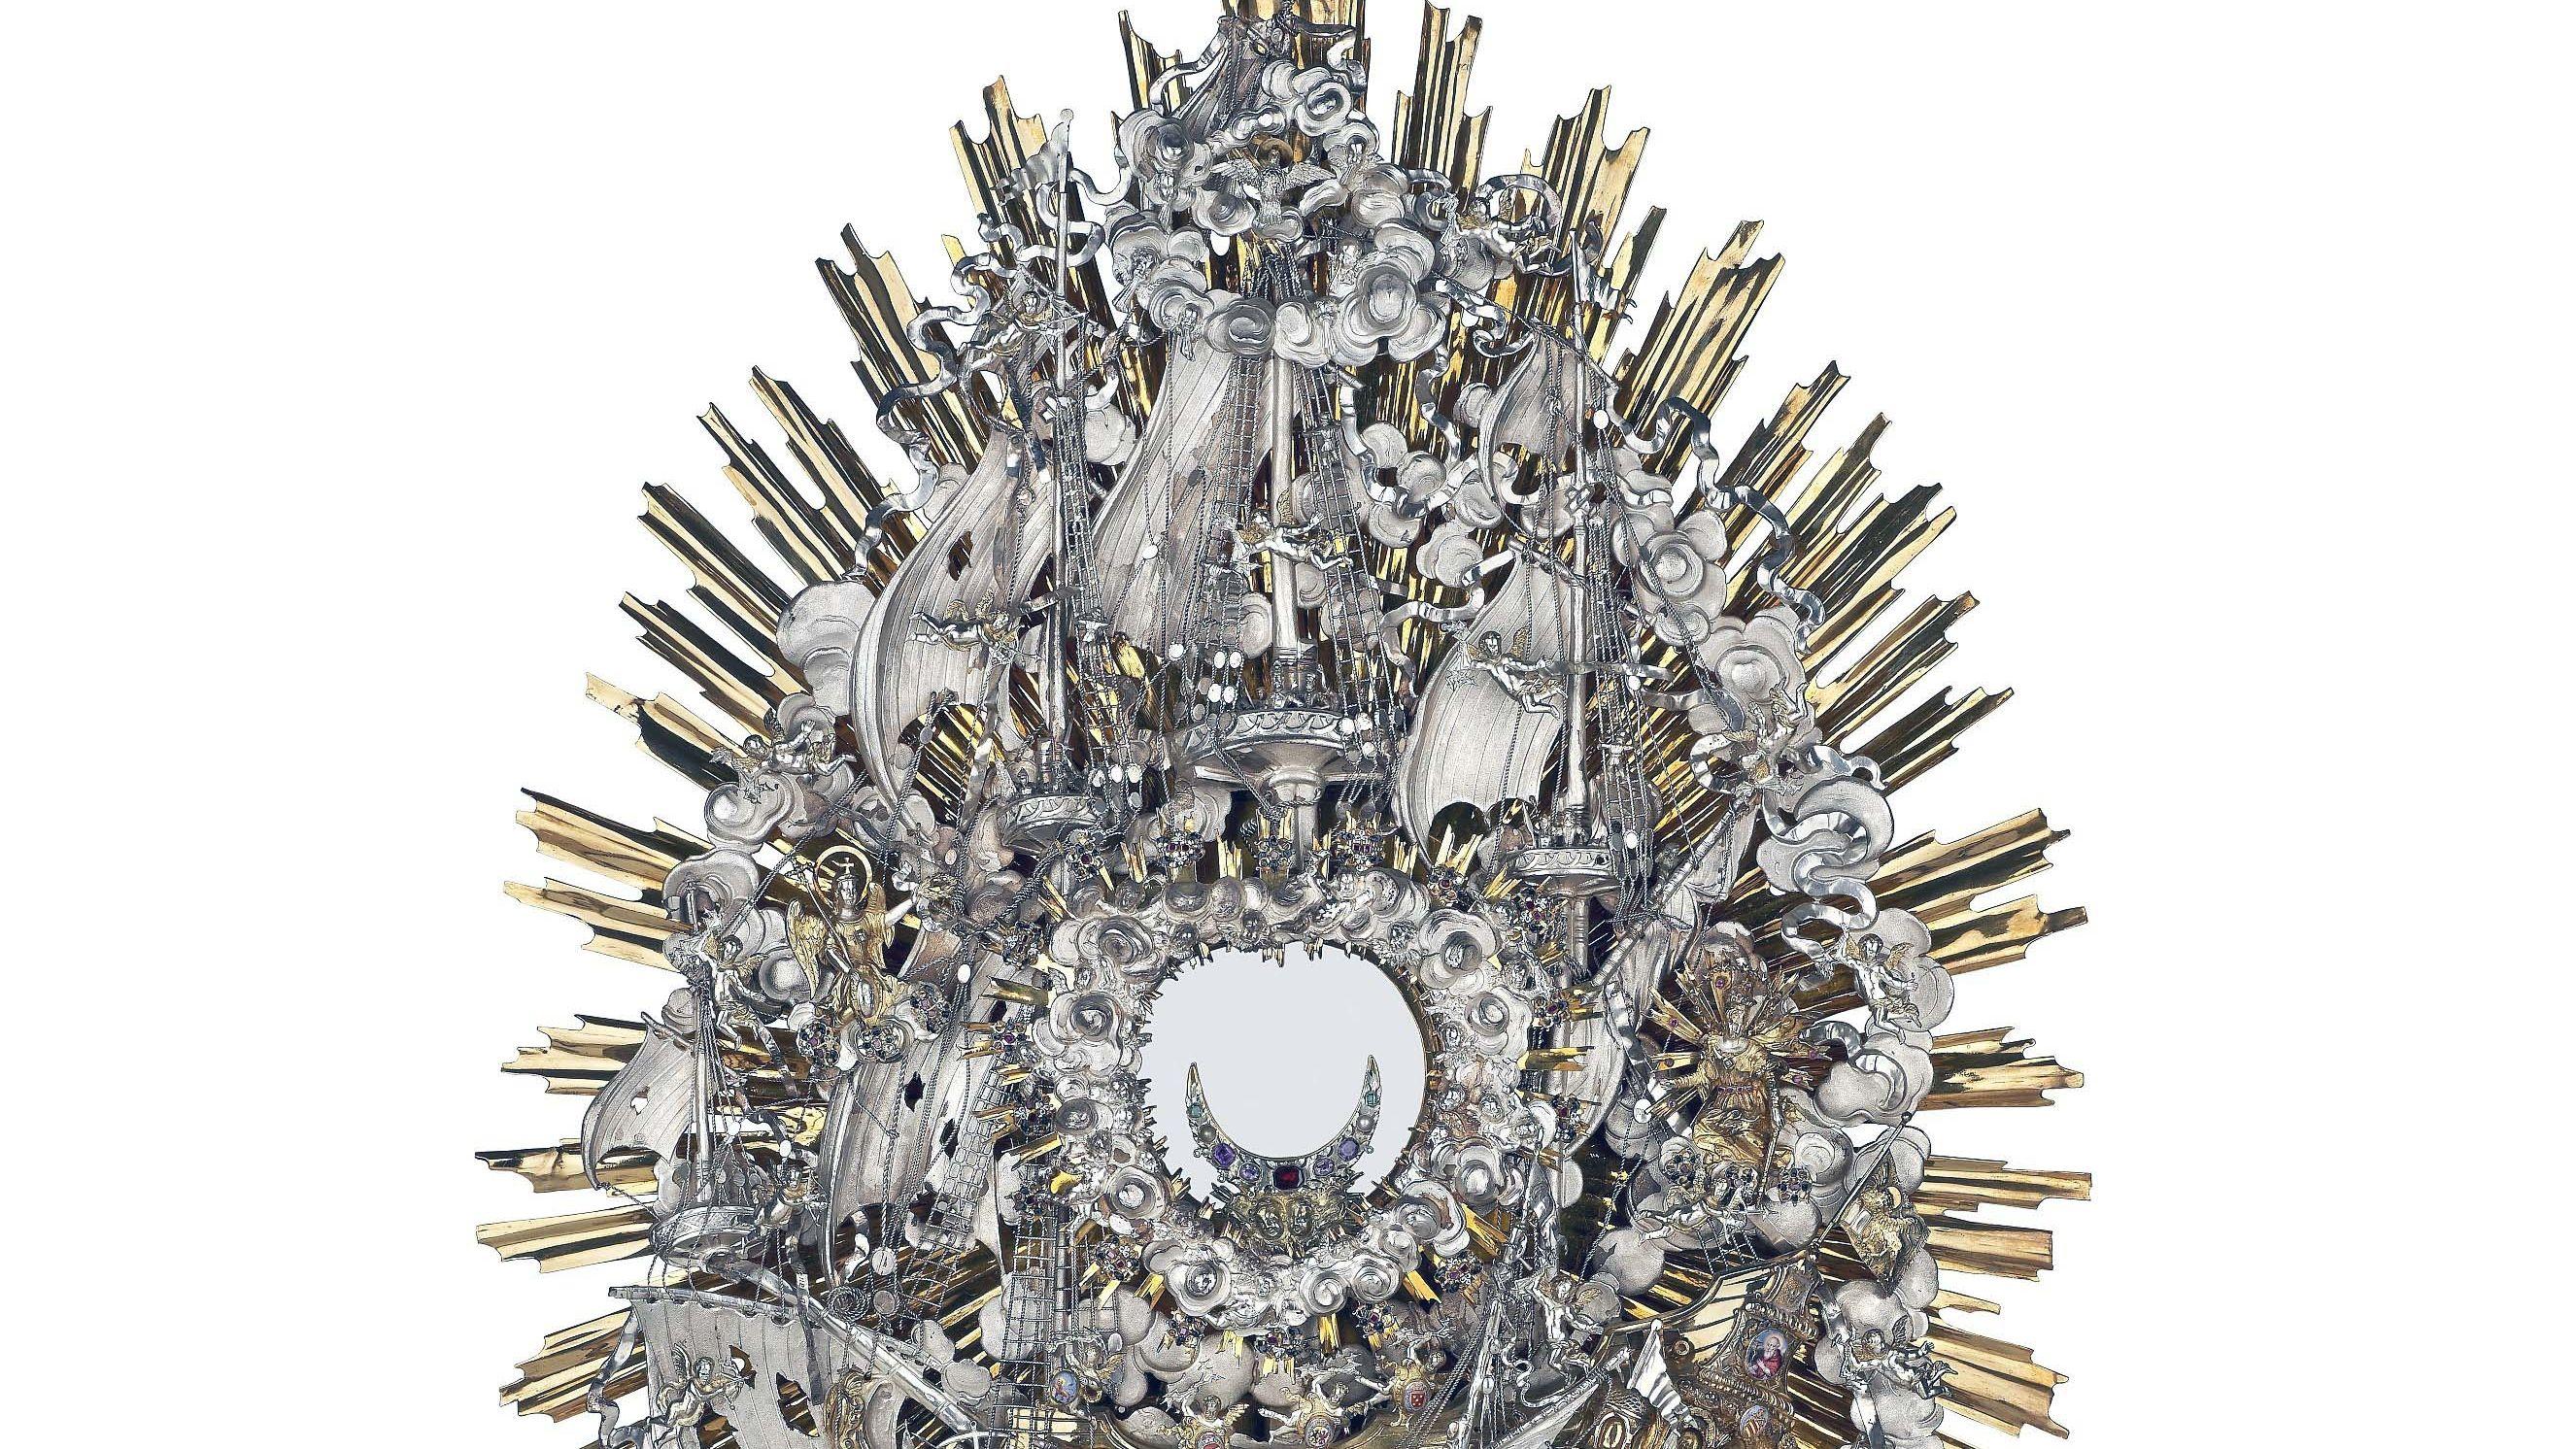 Die vom Augsburger Goldschmied Johann Zeckel gefertigte Lepanto-Monstranz ist jetzt in Regensburg zu sehen.